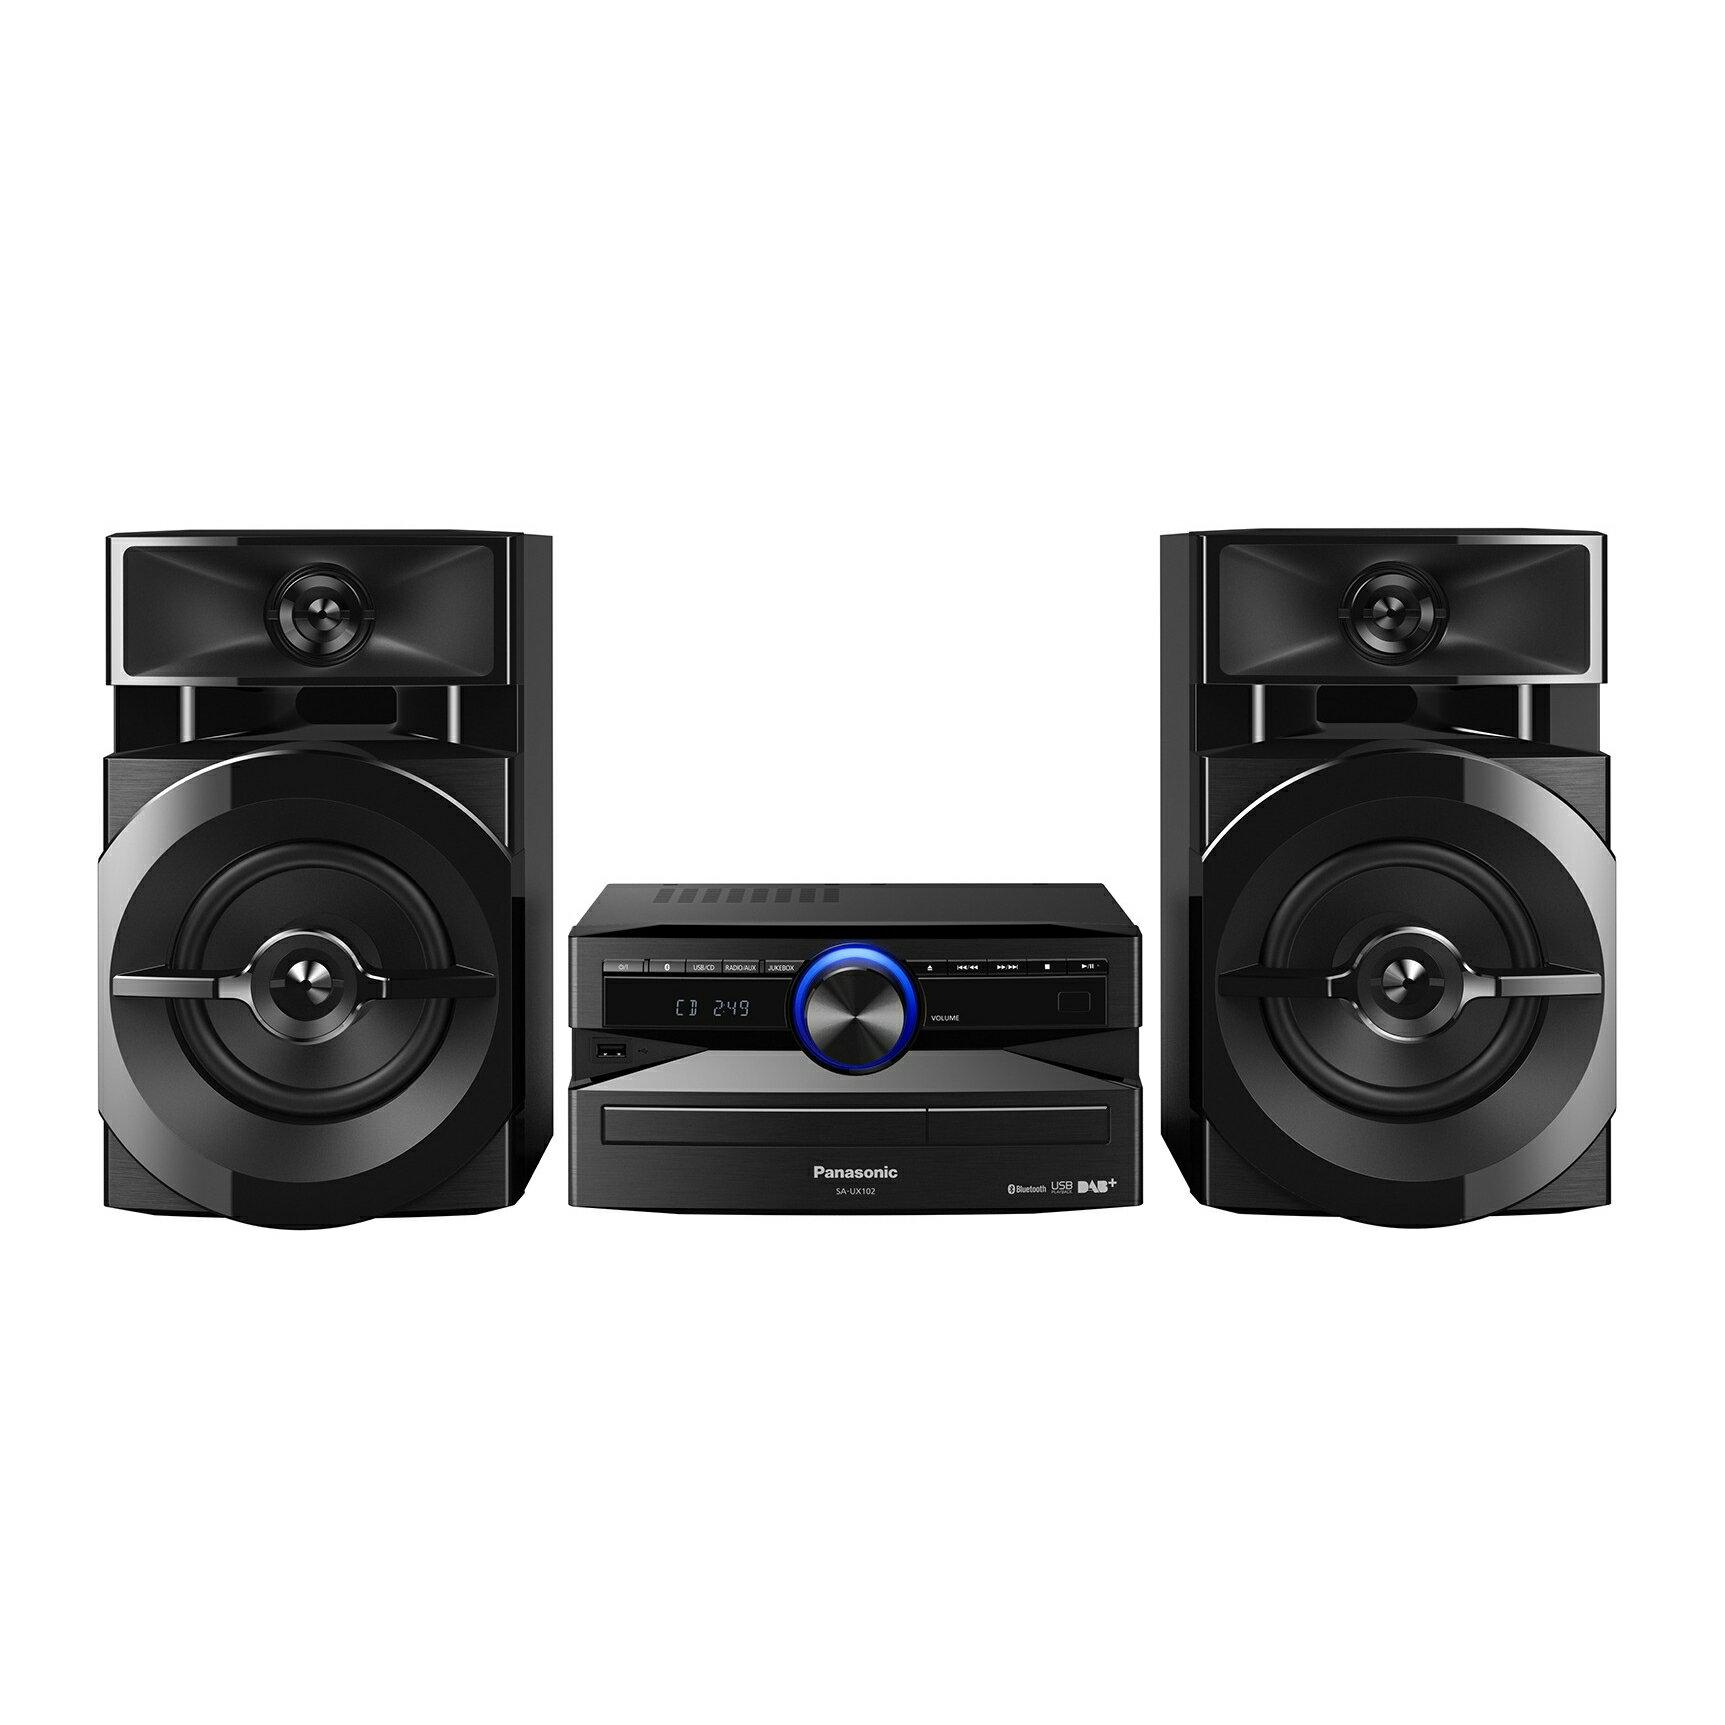 <br/><br/>  國際 Panasonic 時尚藍芽音響 SC-UX100<br/><br/>